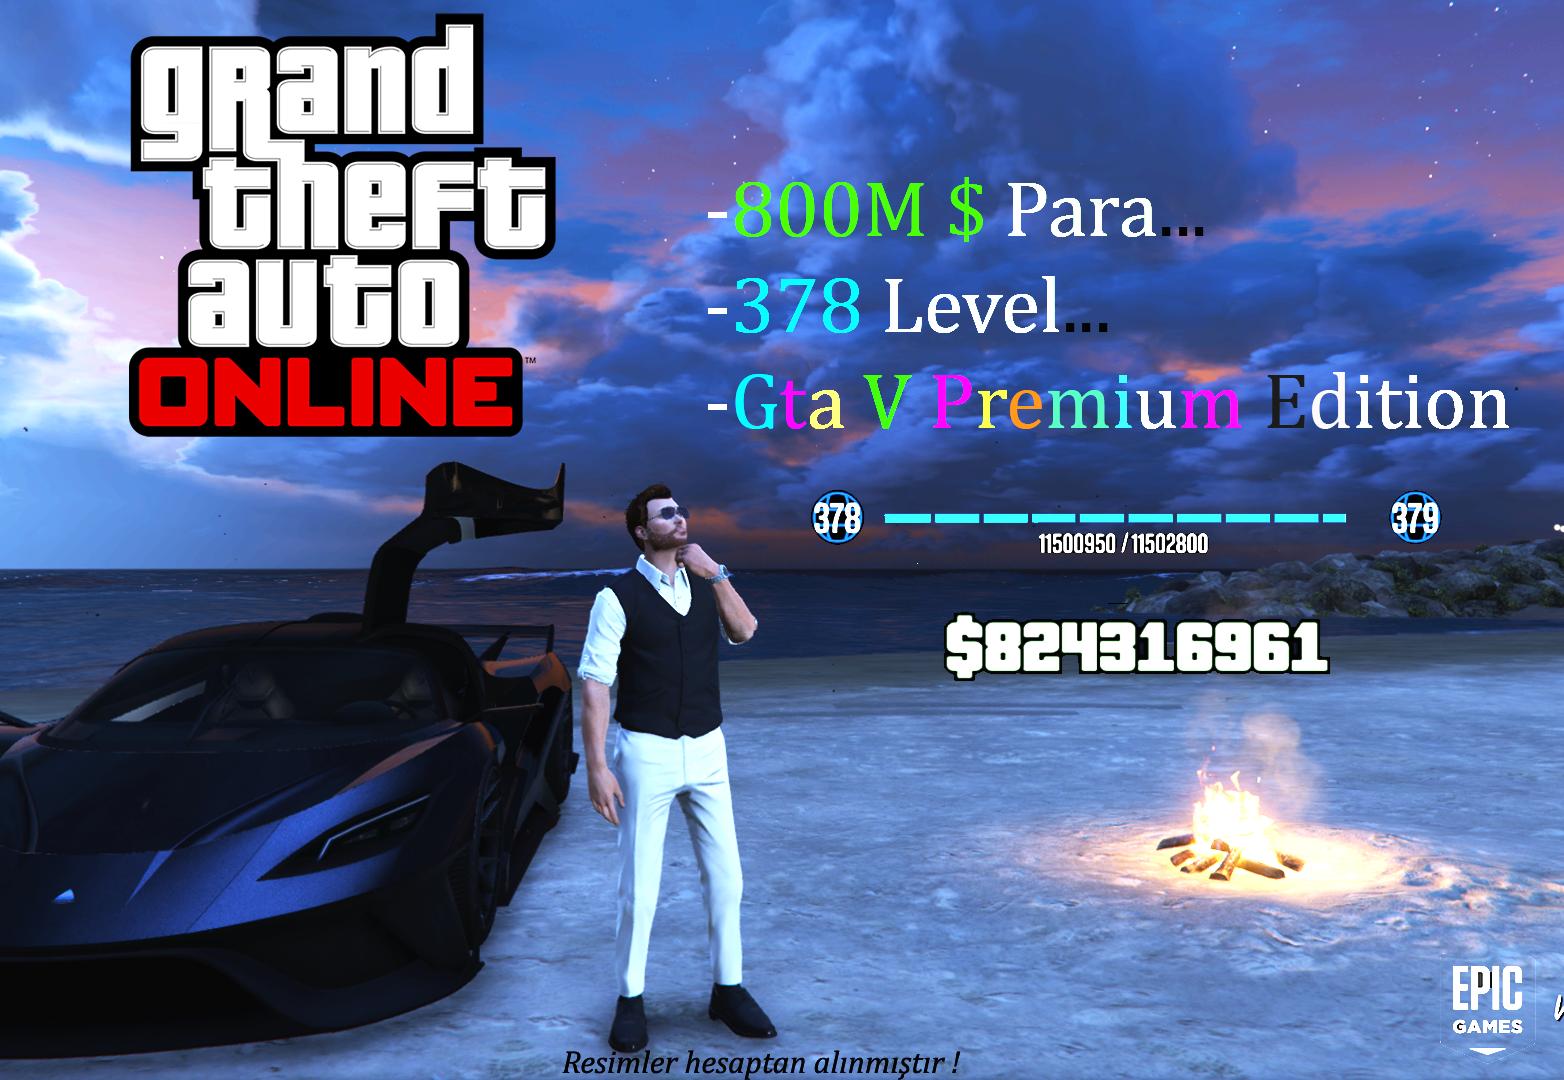 Gta V / Epic Games & 800M$ 378LVL (Extra Oyun)